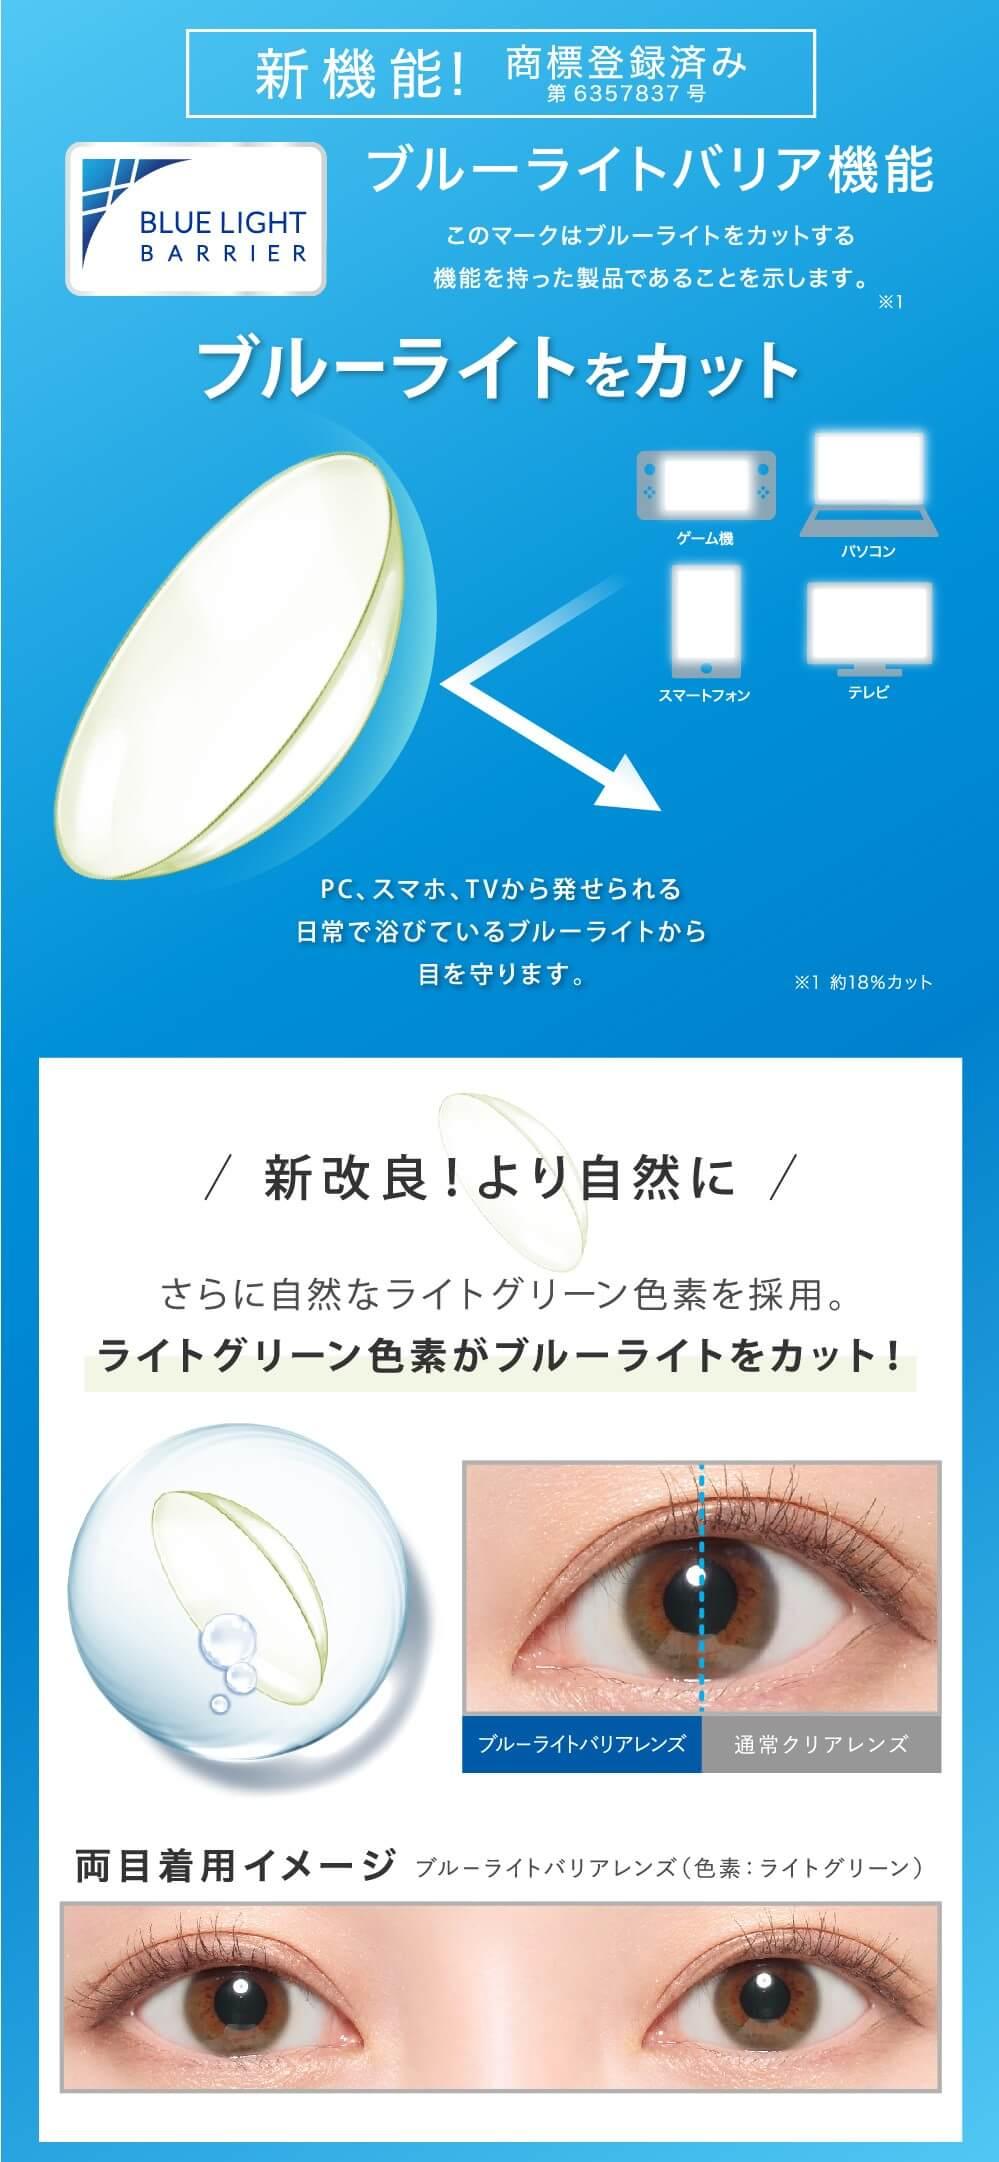 レヴィアBLBカラー 1DAY 10枚 業界初ブルーライト軽減レンズ 新機能商標登録済